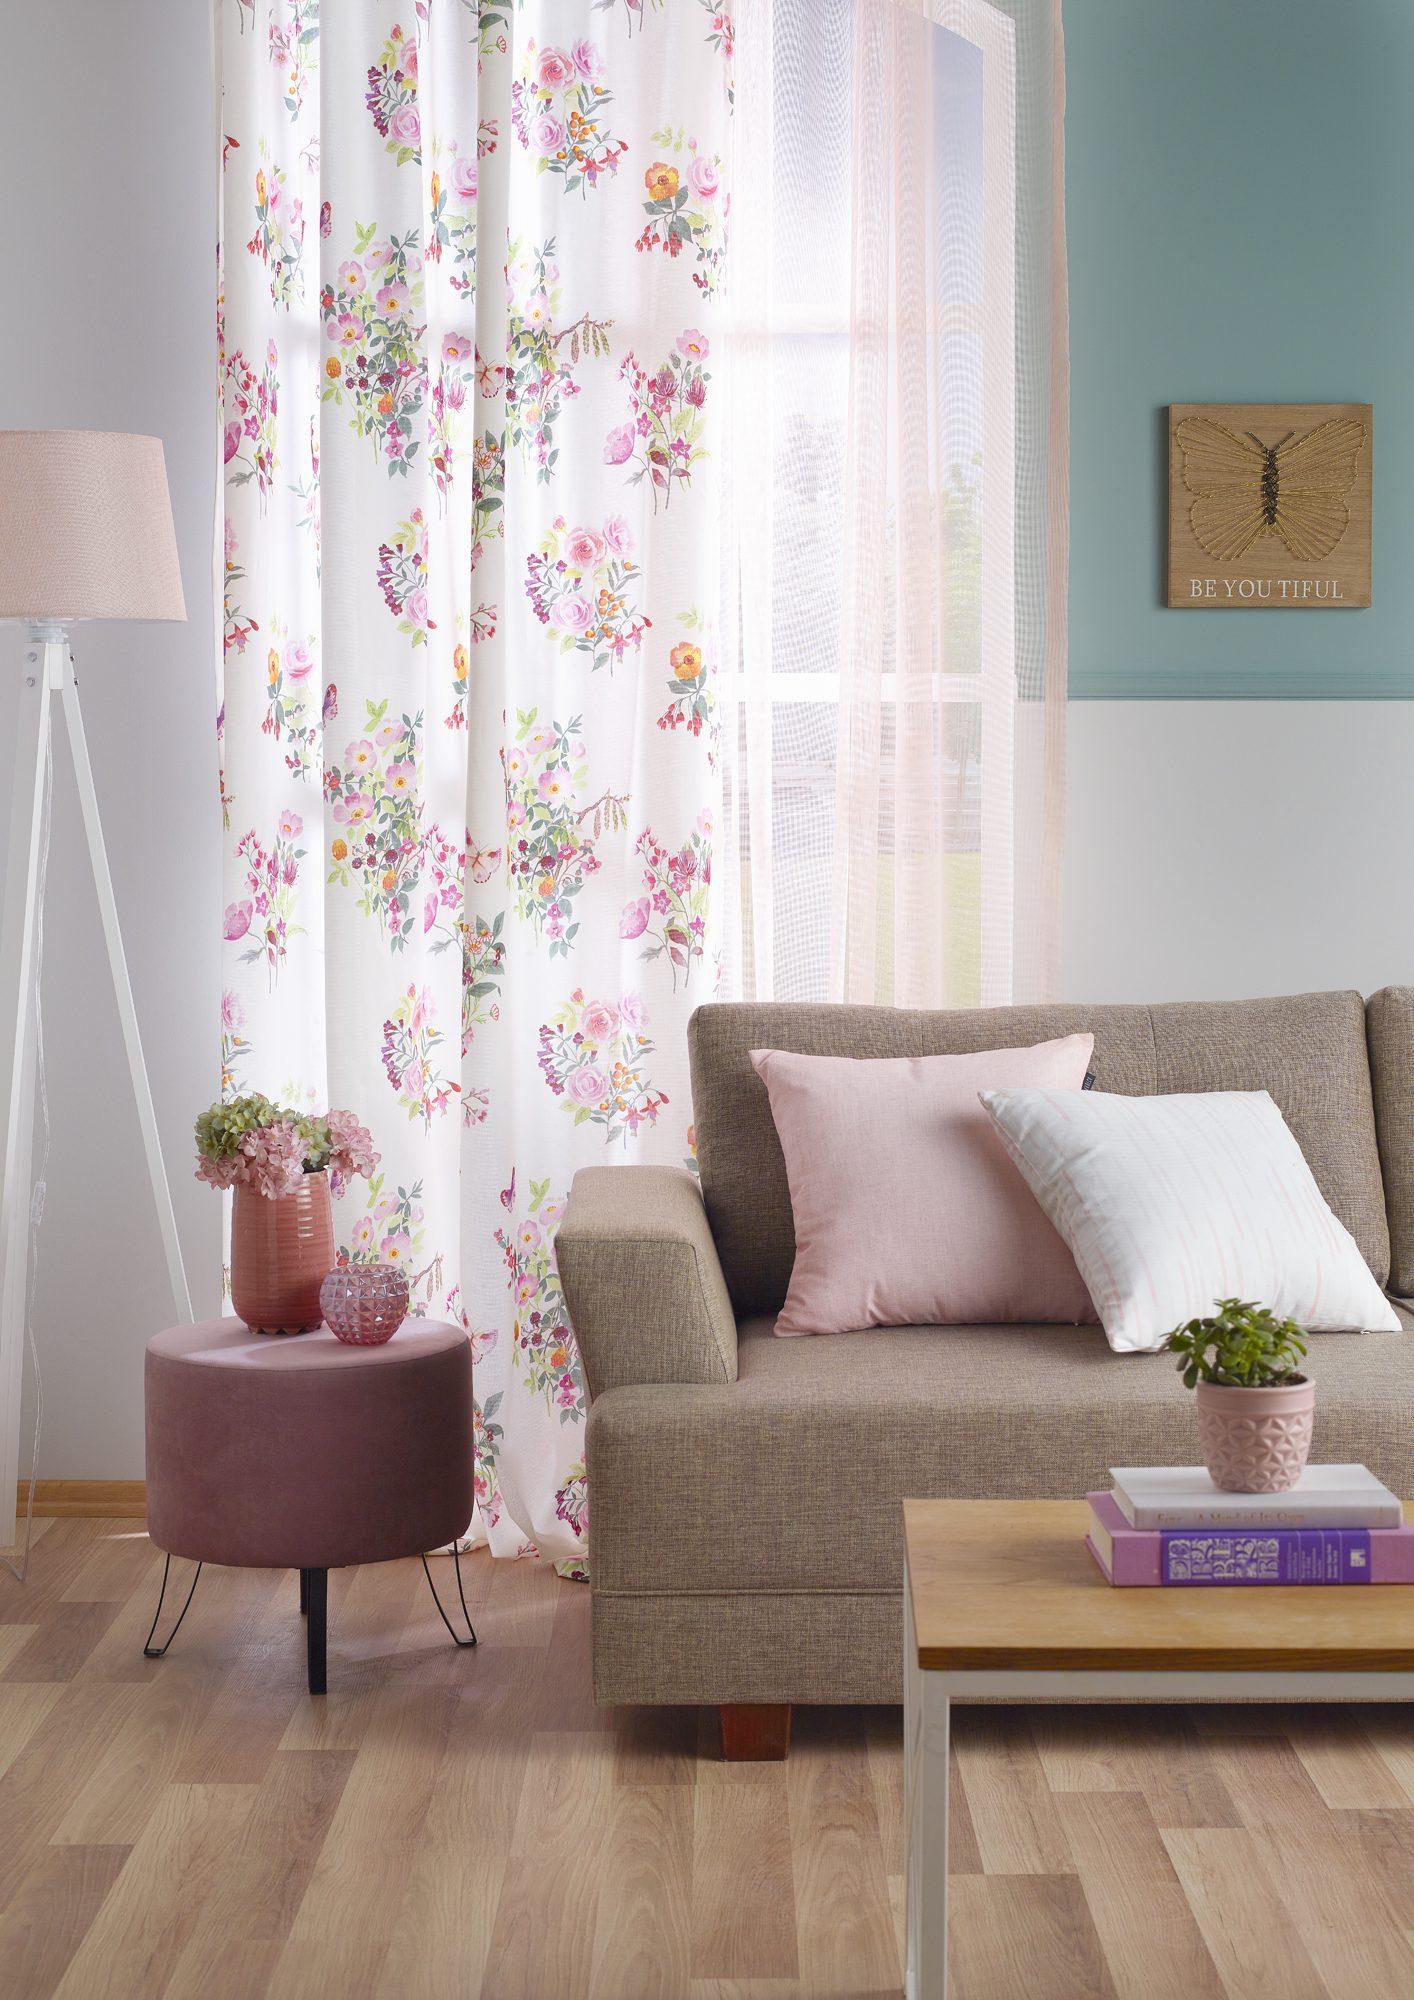 Romantik dekorasyon için mobilyalar.